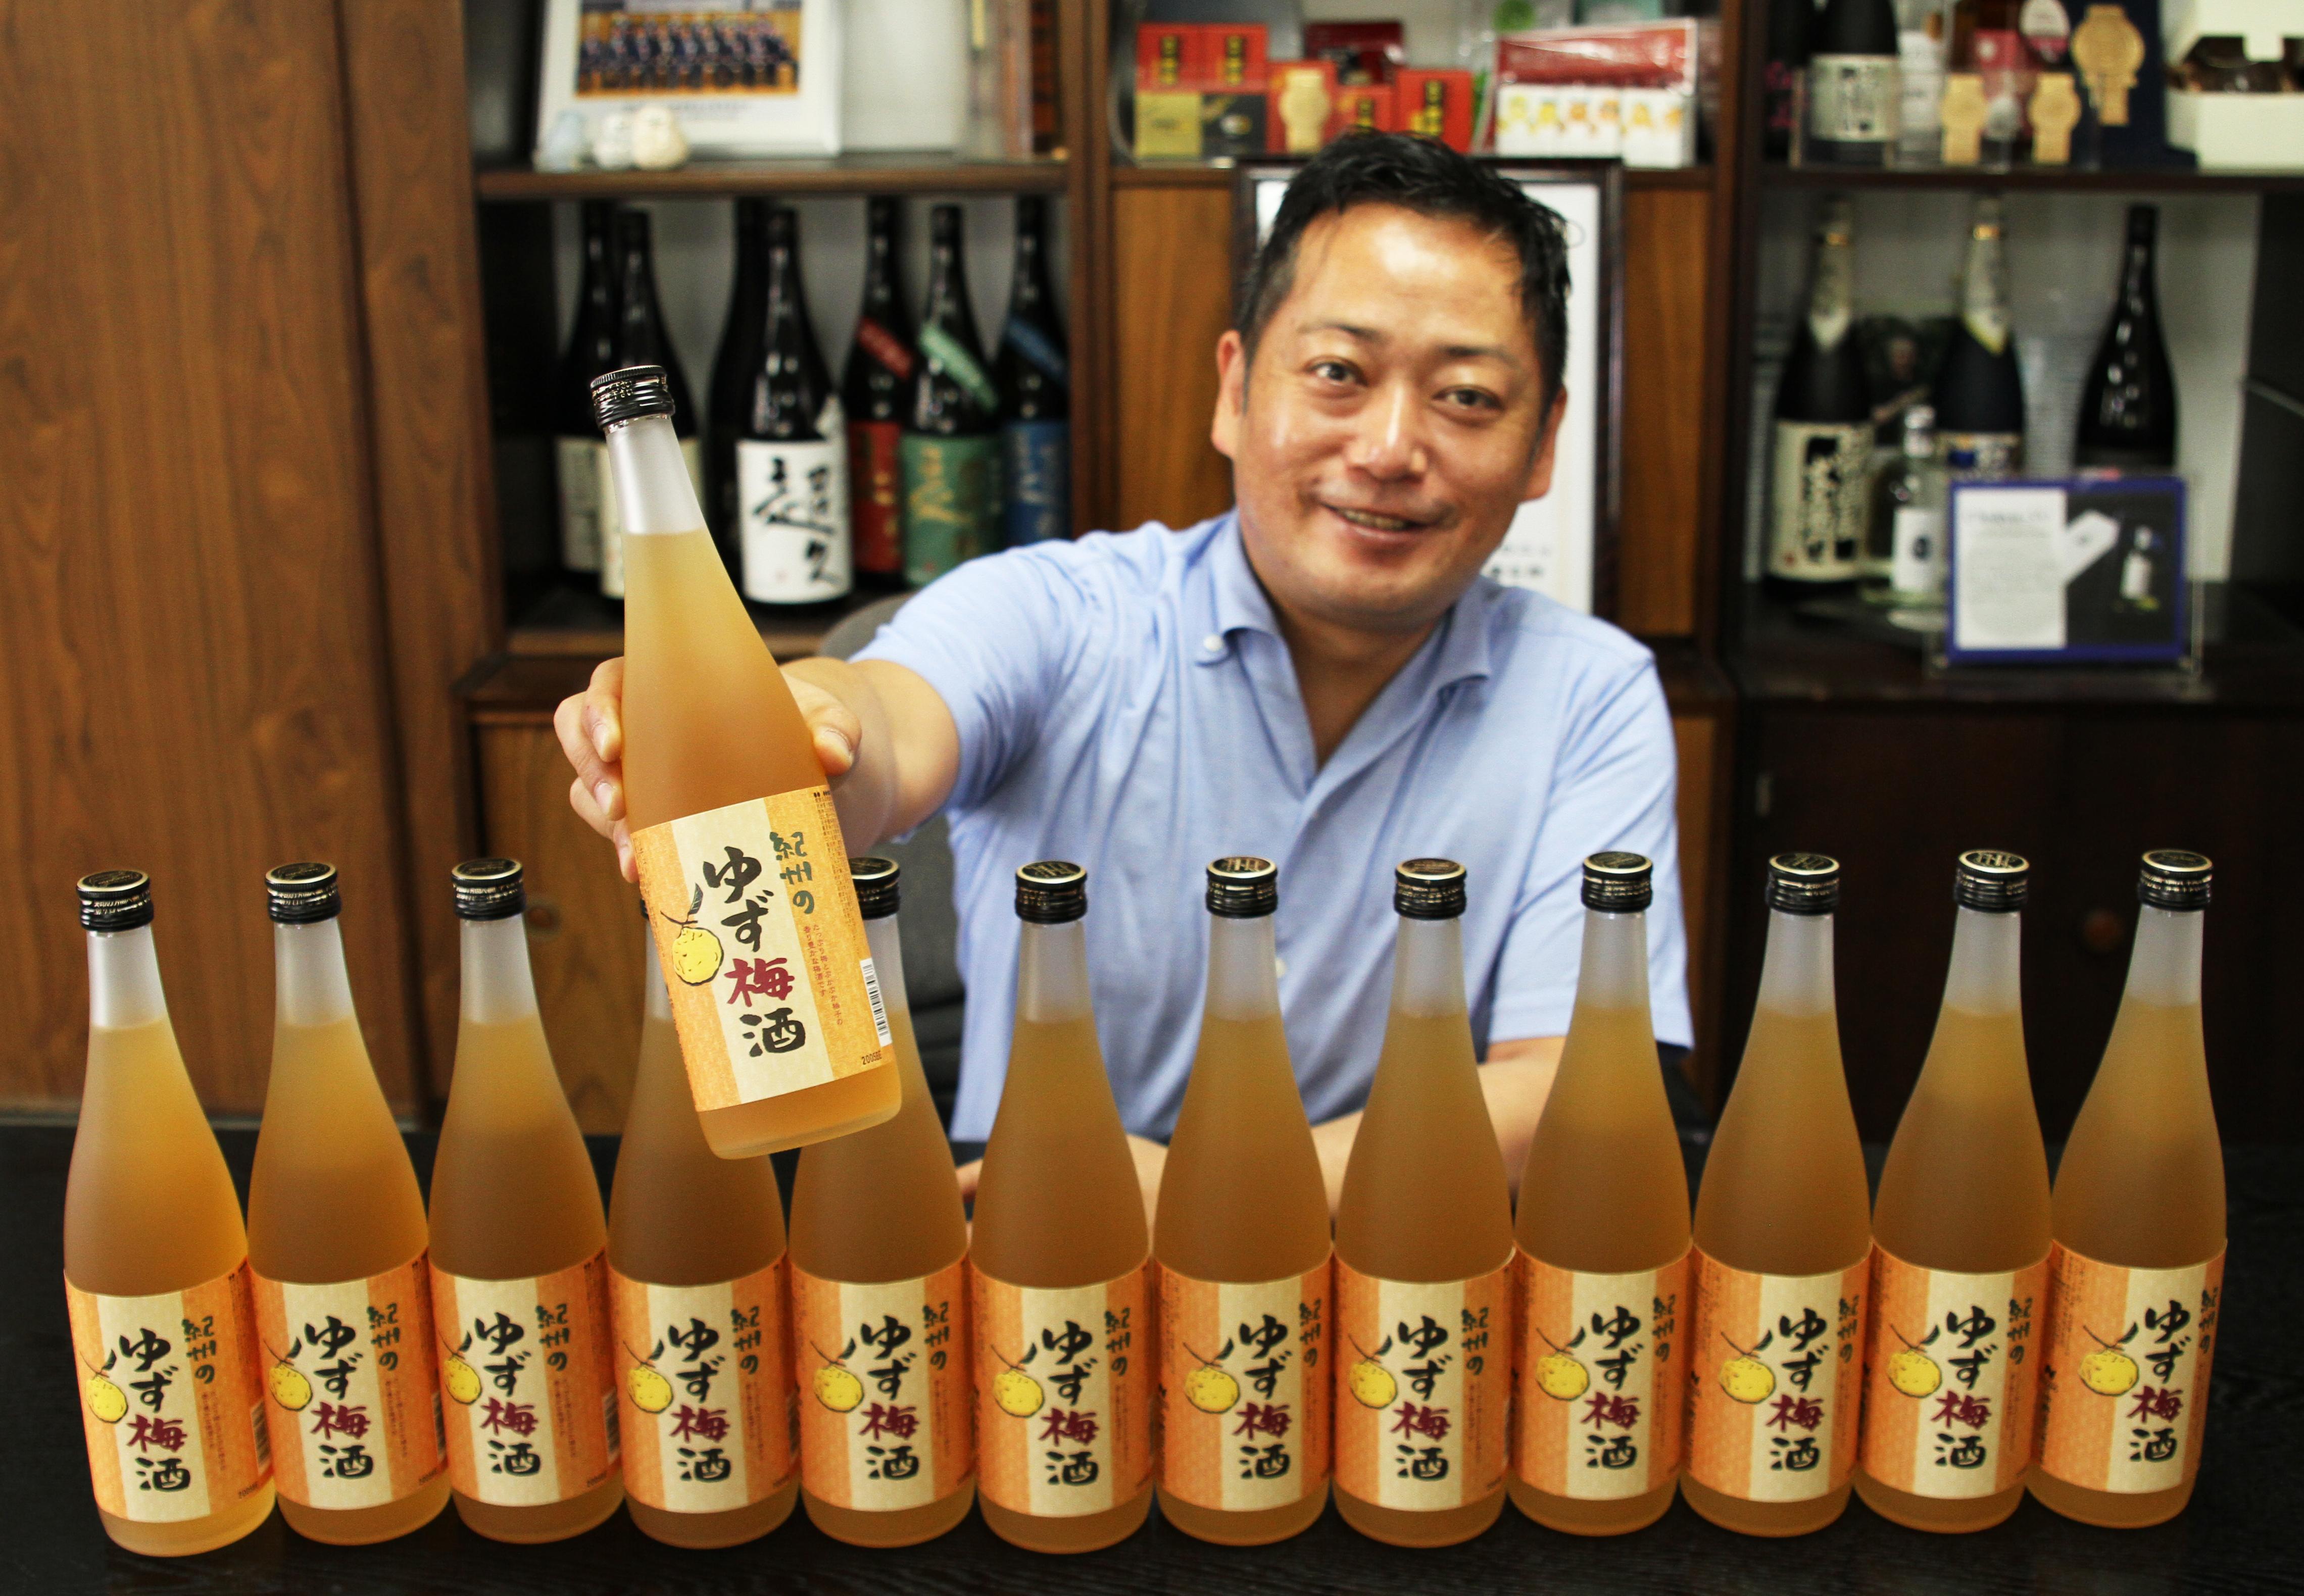 【梅雨も吹き飛ぶ、ウキウキな朗報‼】紀州のゆず梅酒が初の快挙!